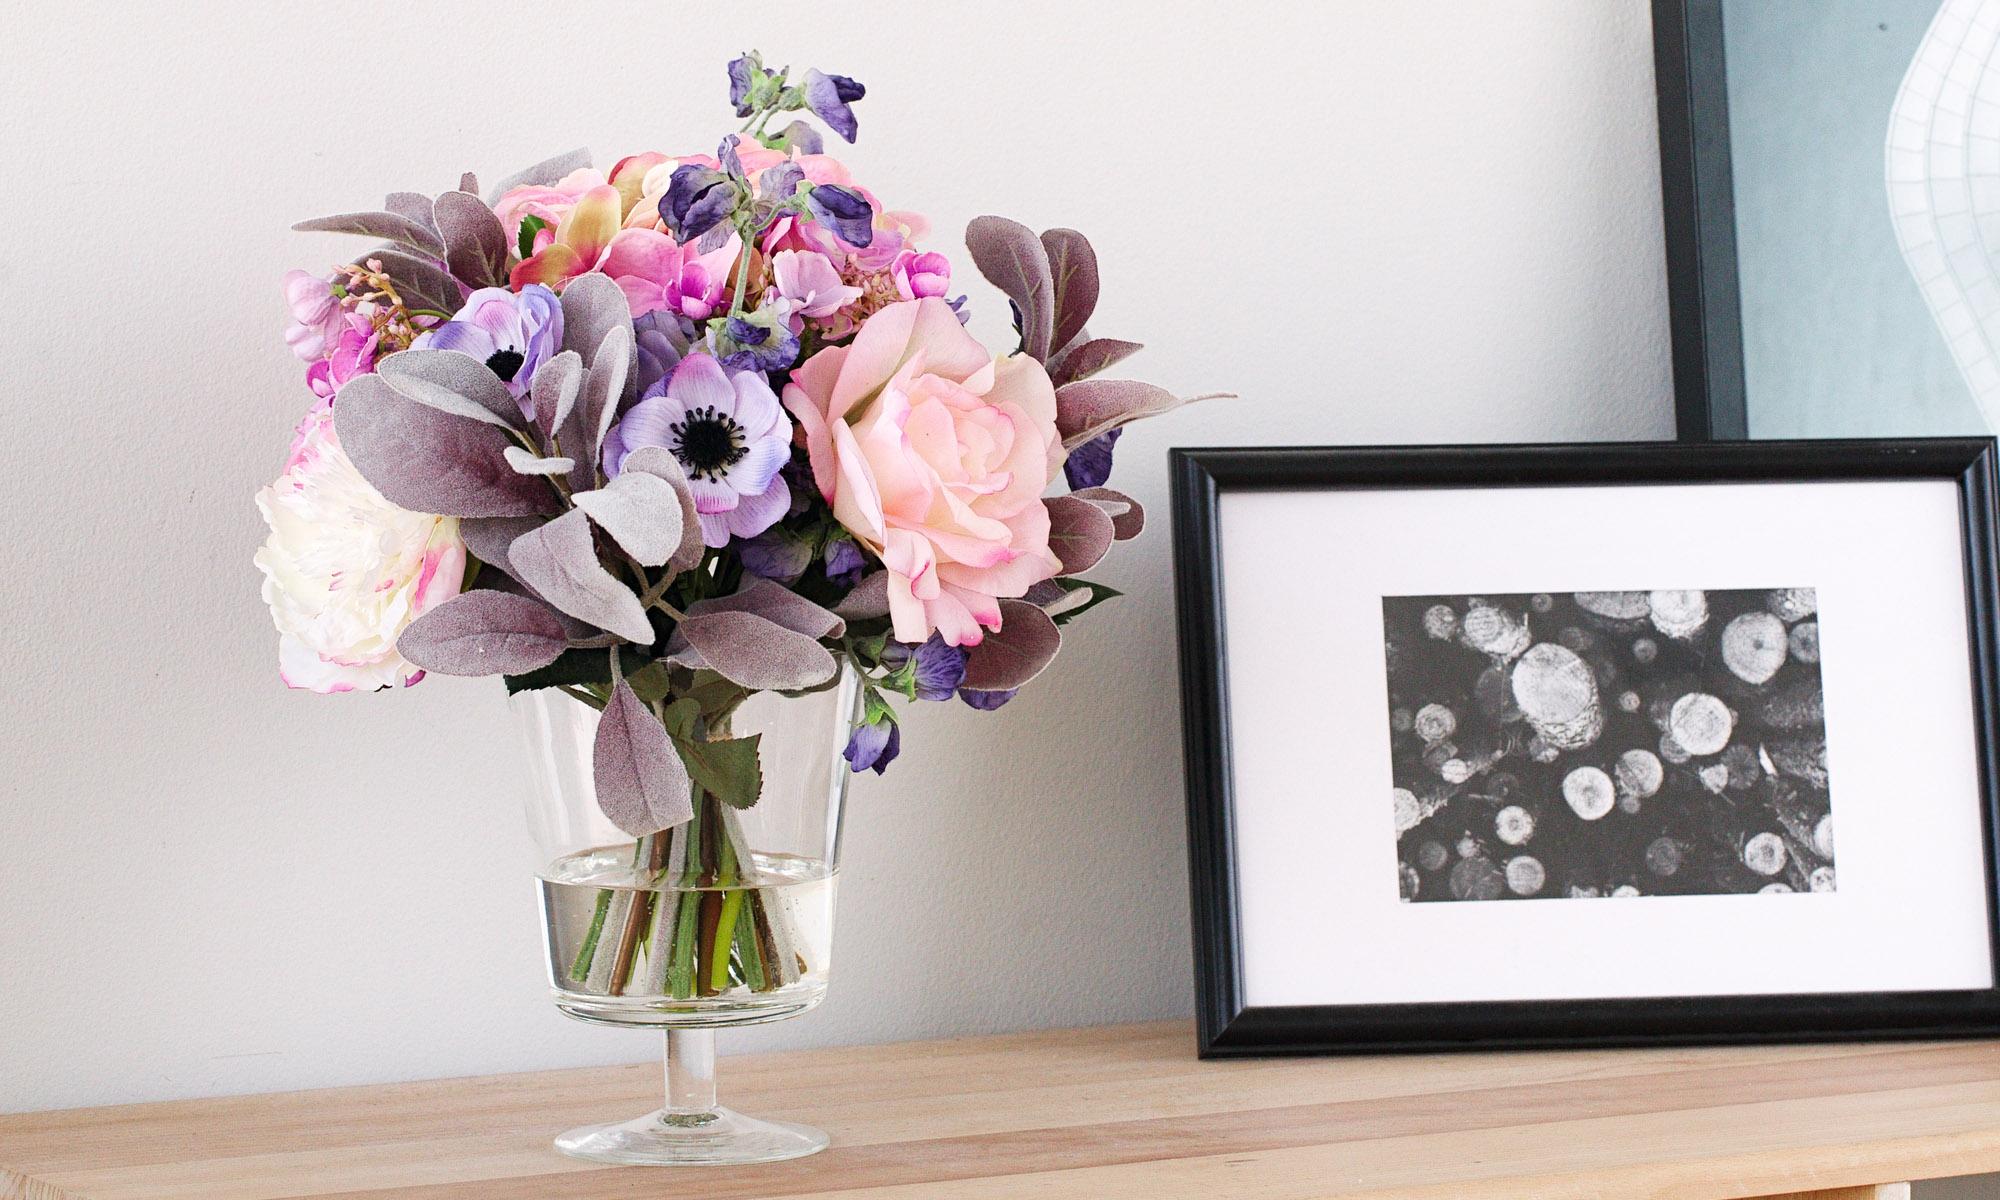 Купить Композиция из искусственных цветов - сиреневая гортензия, анемоны, латурус, розы, inmyroom, Россия